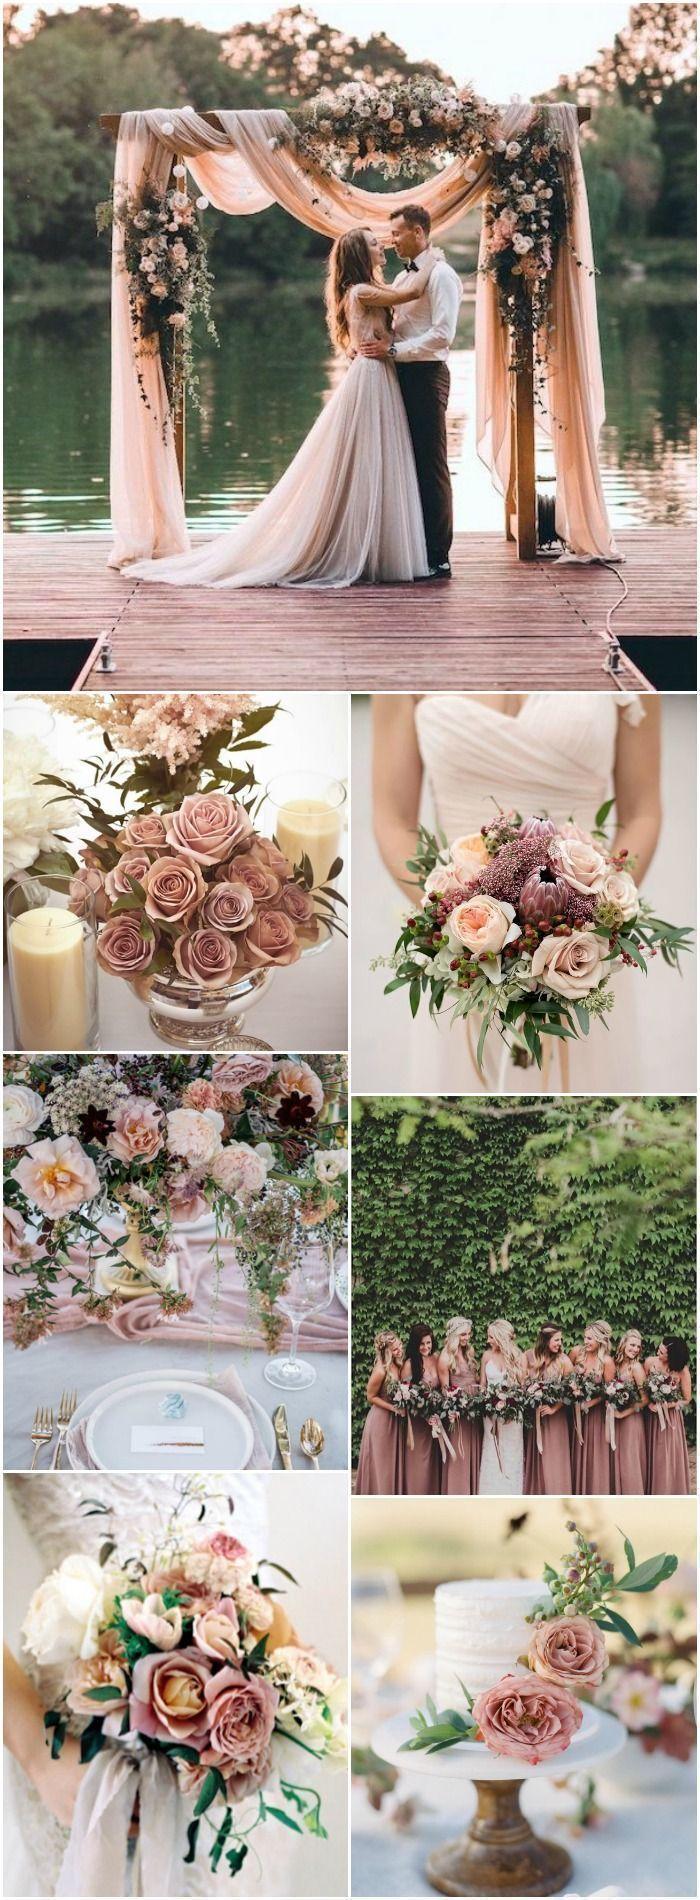 Beautiful Dusty Rose Wedding Ideas That Will Take Your Breath Away #weddingthemes #weddingplanning #weddingideas